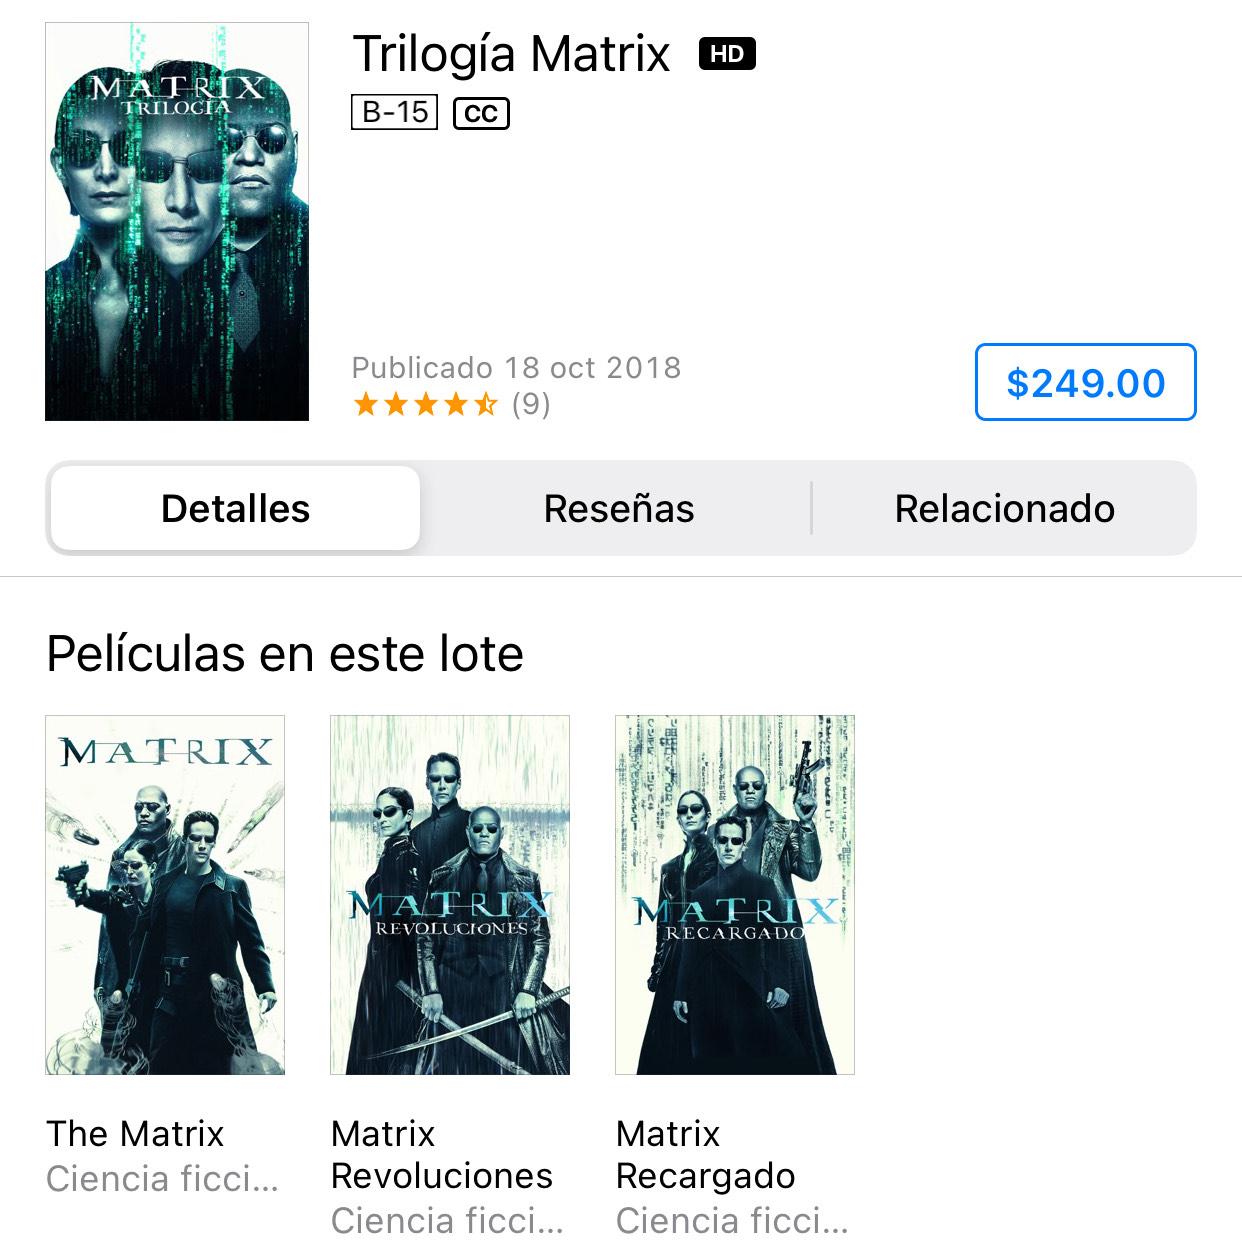 iTunes: Trilogía Matrix 4K